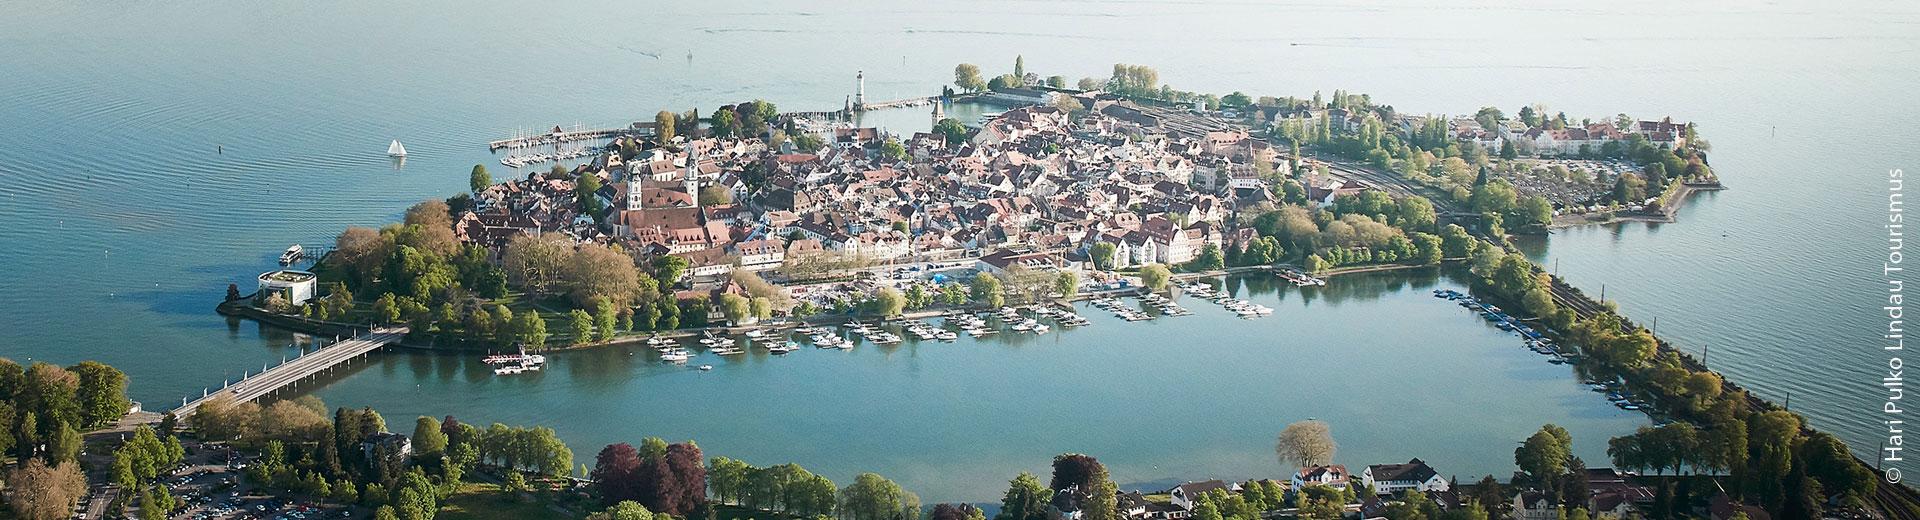 Lindau Ferien am Bodensee